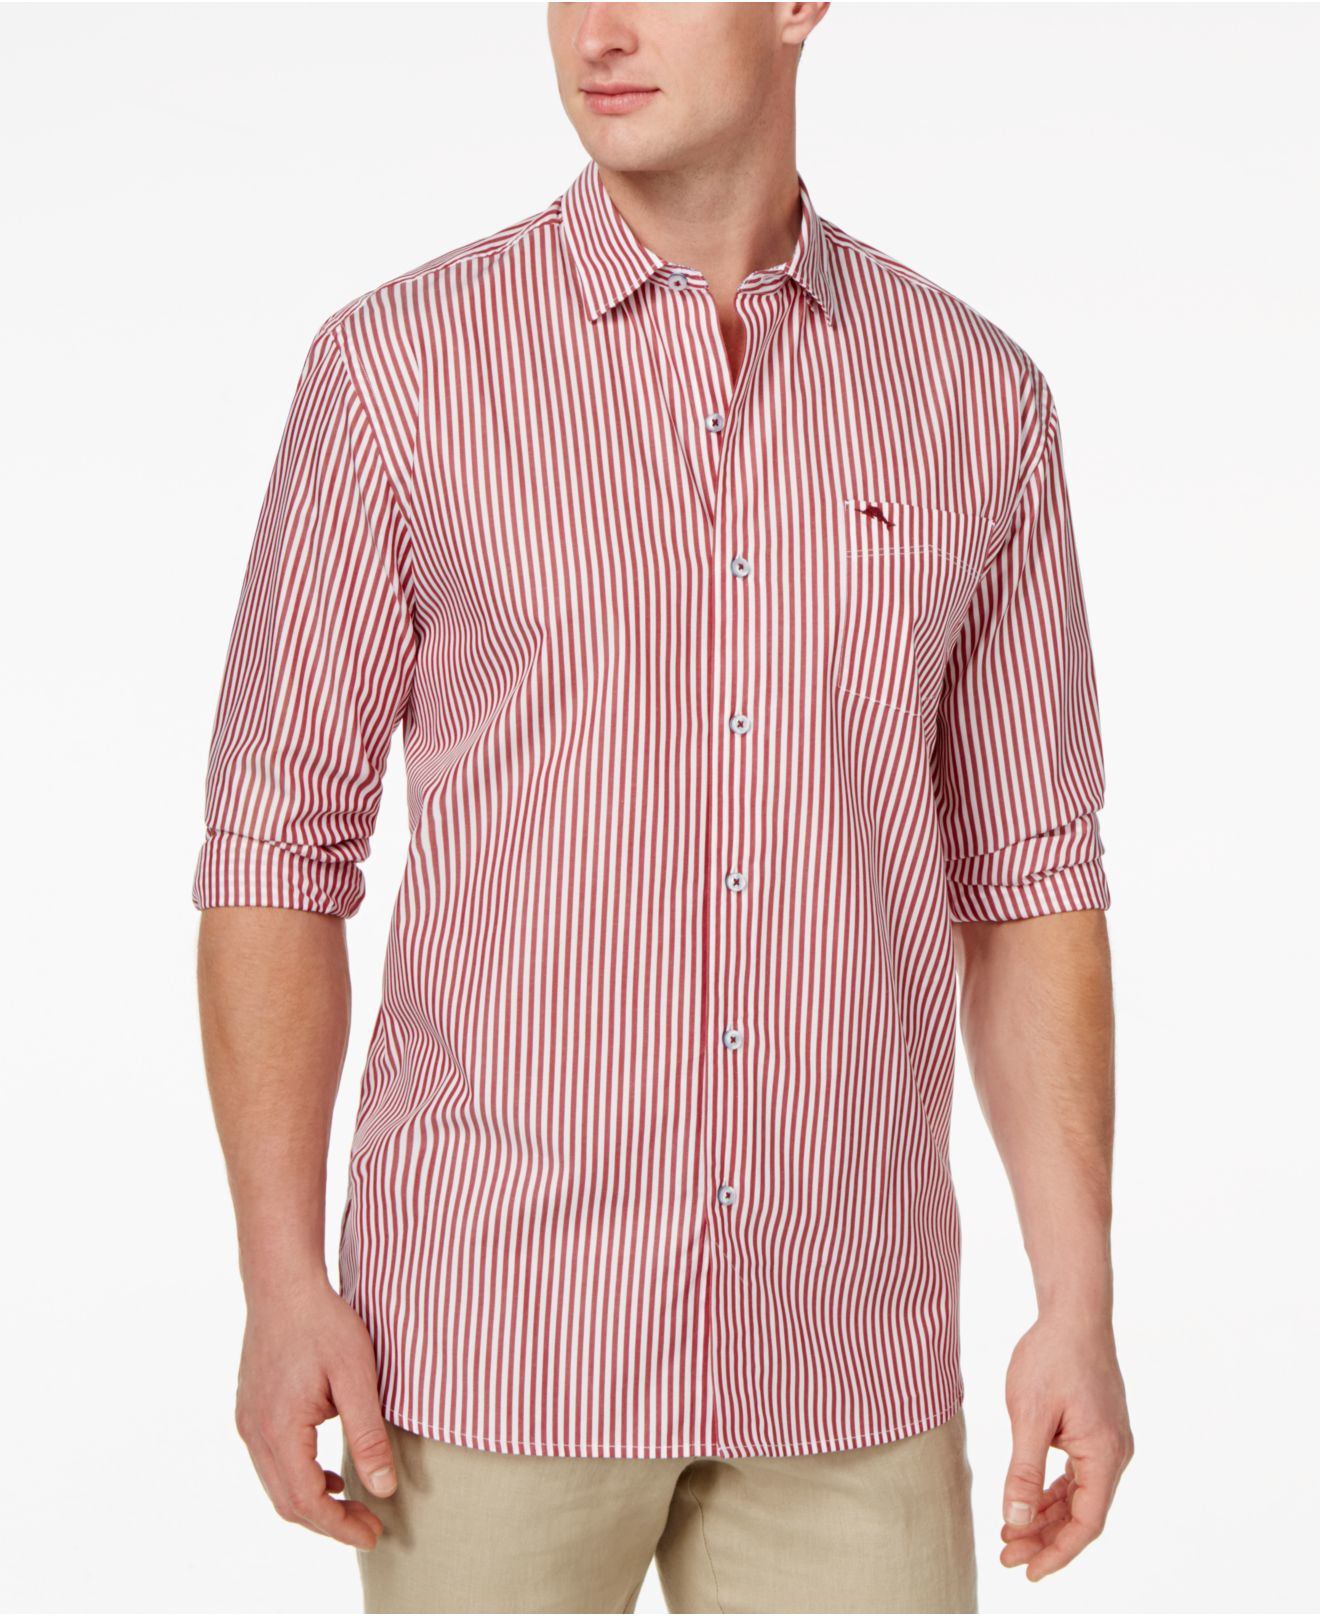 Tommy bahama paradise island stripe long sleeve shirt in for Tommy bahama long sleeve dress shirts